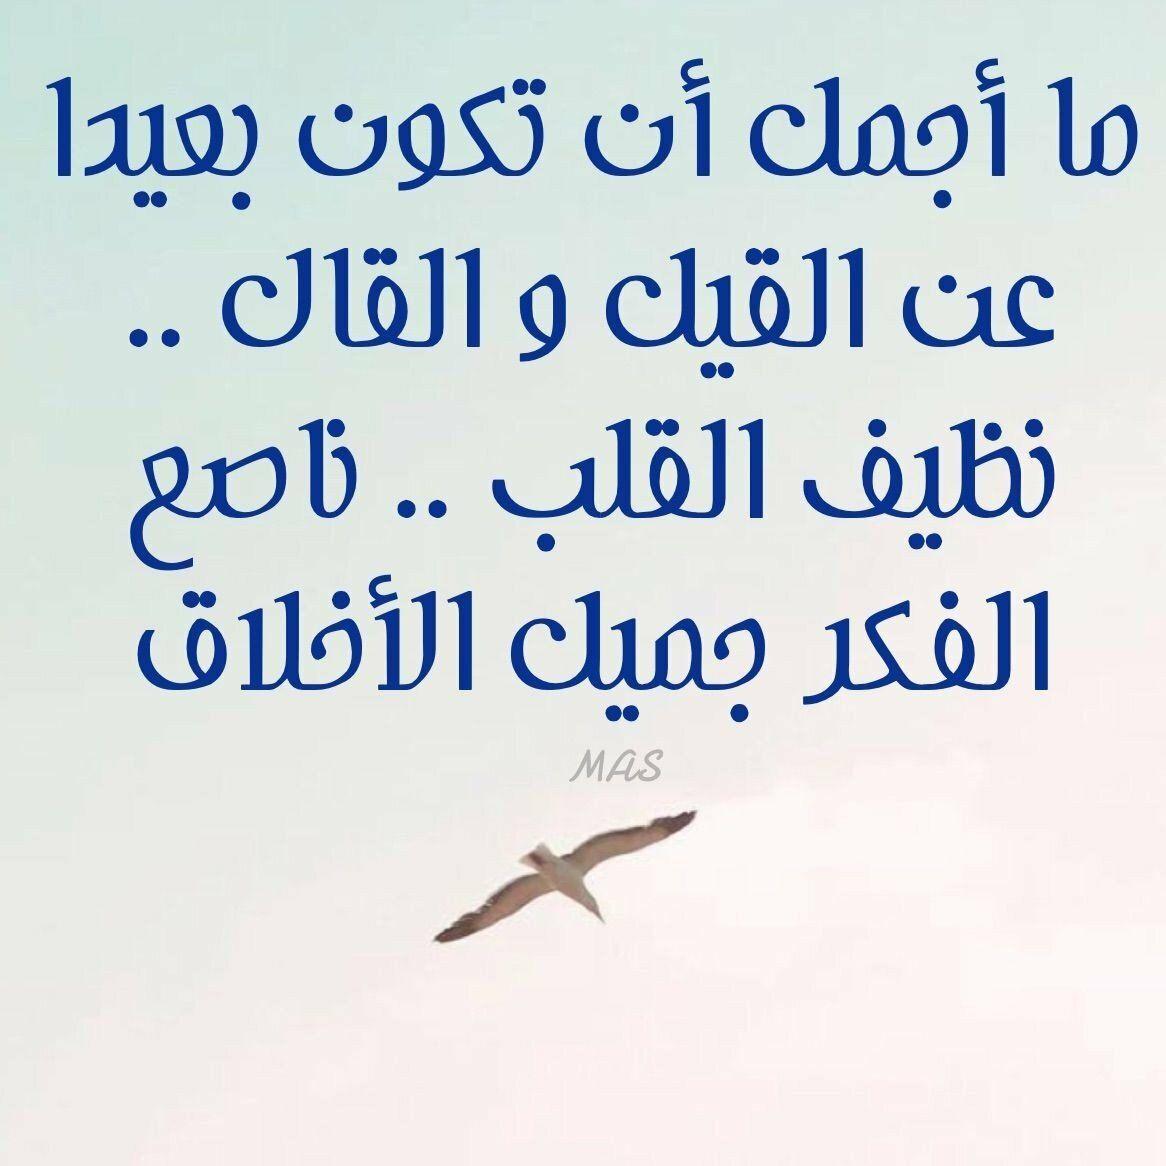 حكم أقوال خلفيات رمزيات الفيسبوك ما أجمل أن تكون بعيدا عن القيل والقال Wisdom Quotes Life Wisdom Quotes Love Words